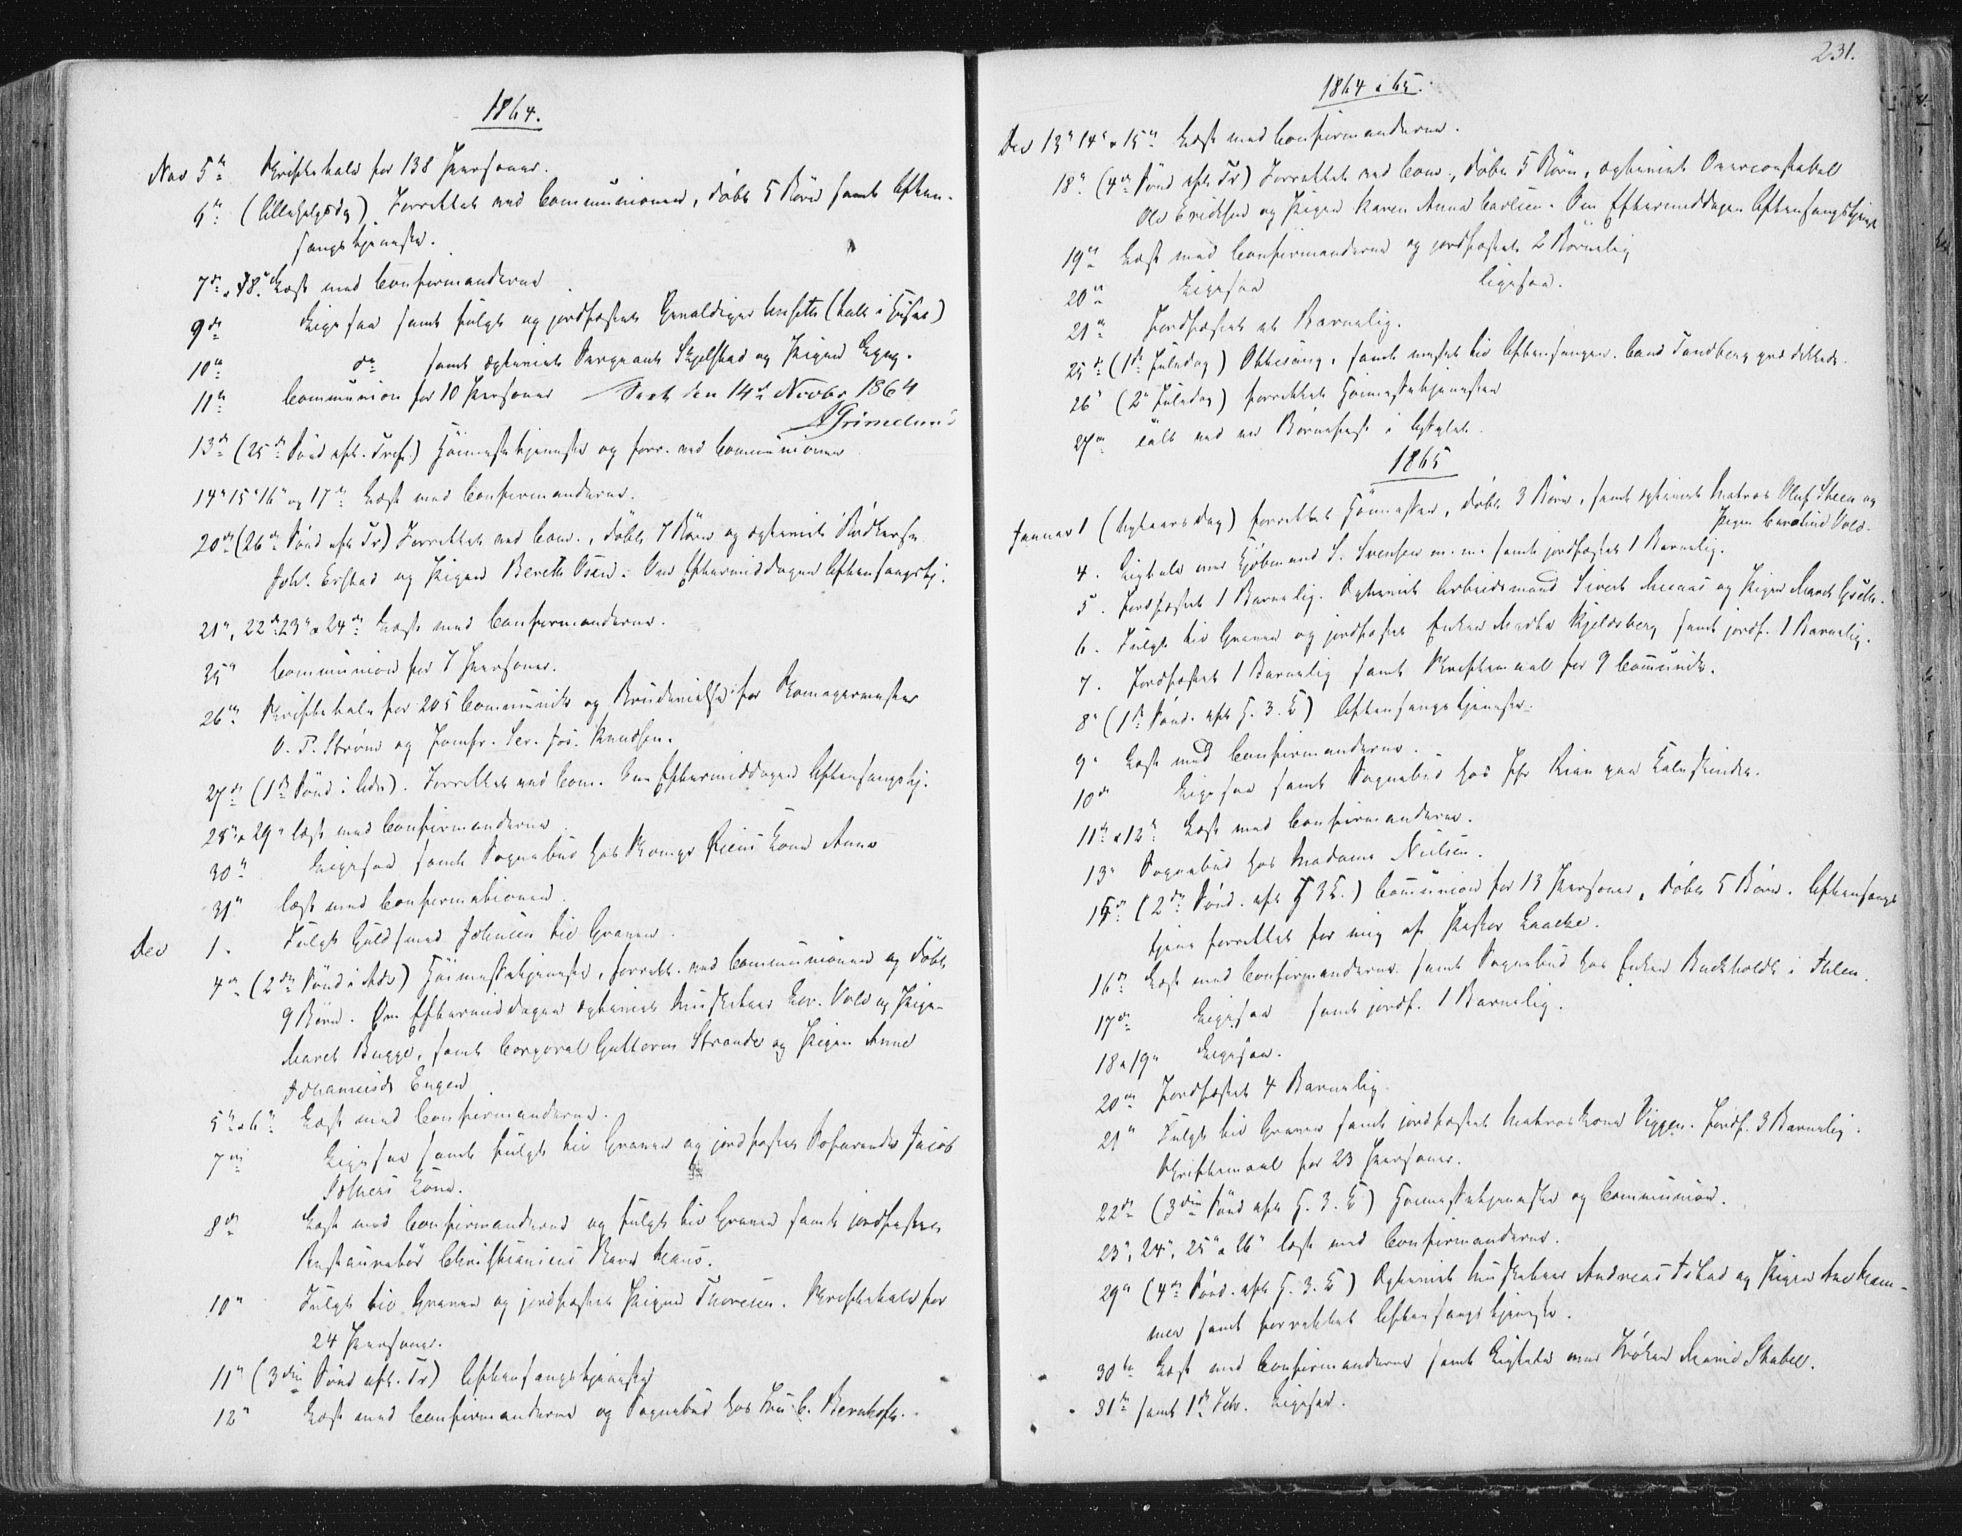 SAT, Ministerialprotokoller, klokkerbøker og fødselsregistre - Sør-Trøndelag, 602/L0127: Residerende kapellans bok nr. 602B01, 1821-1875, s. 231